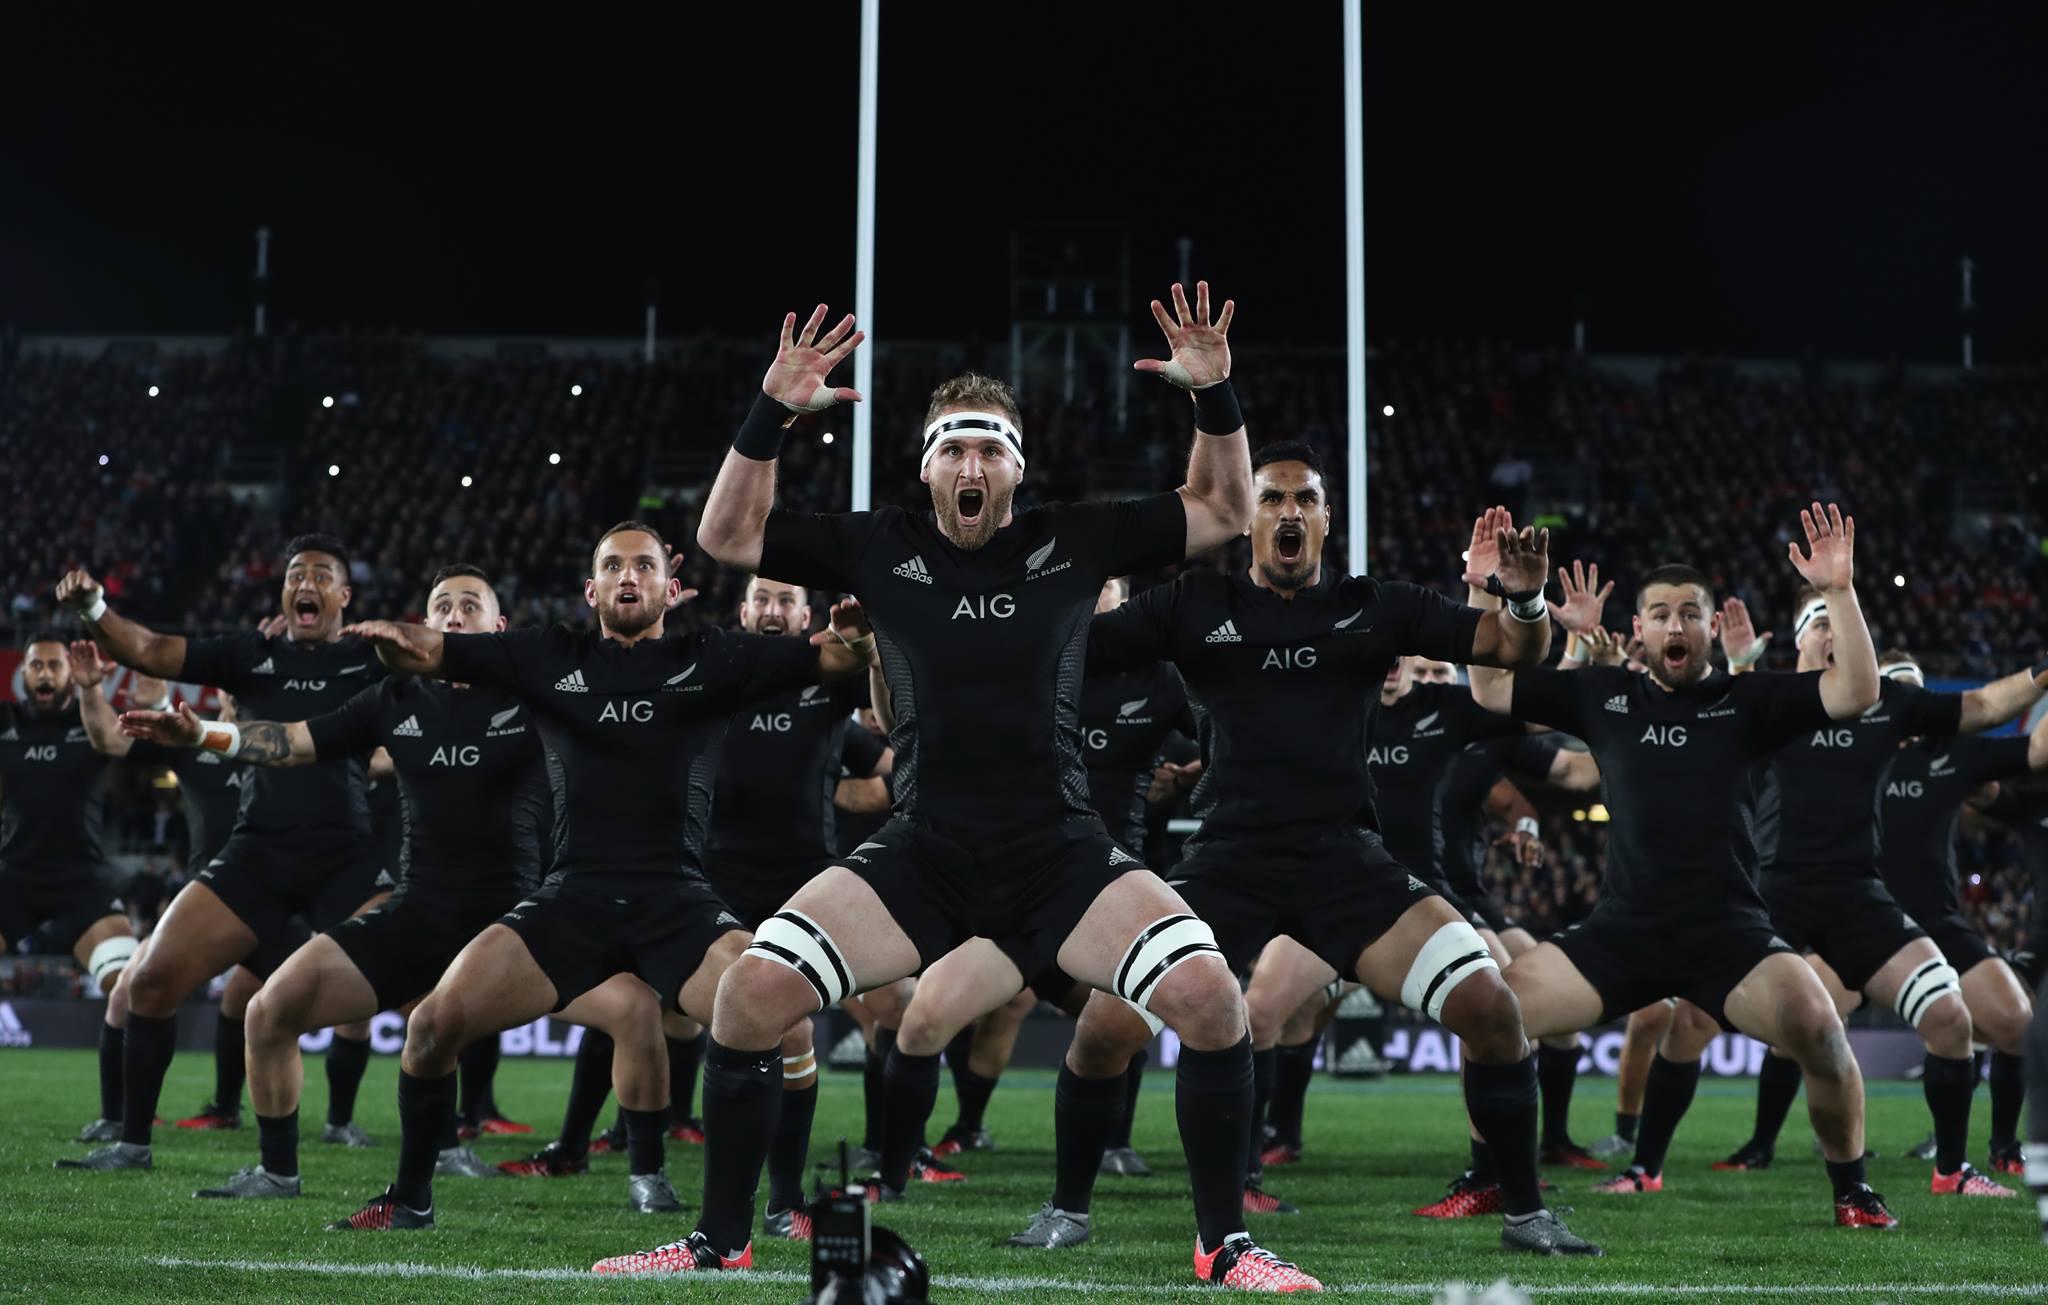 Los 'All Blacks' de Nueva Zelanda, Premio Princesa de Asturias del Deporte 2017